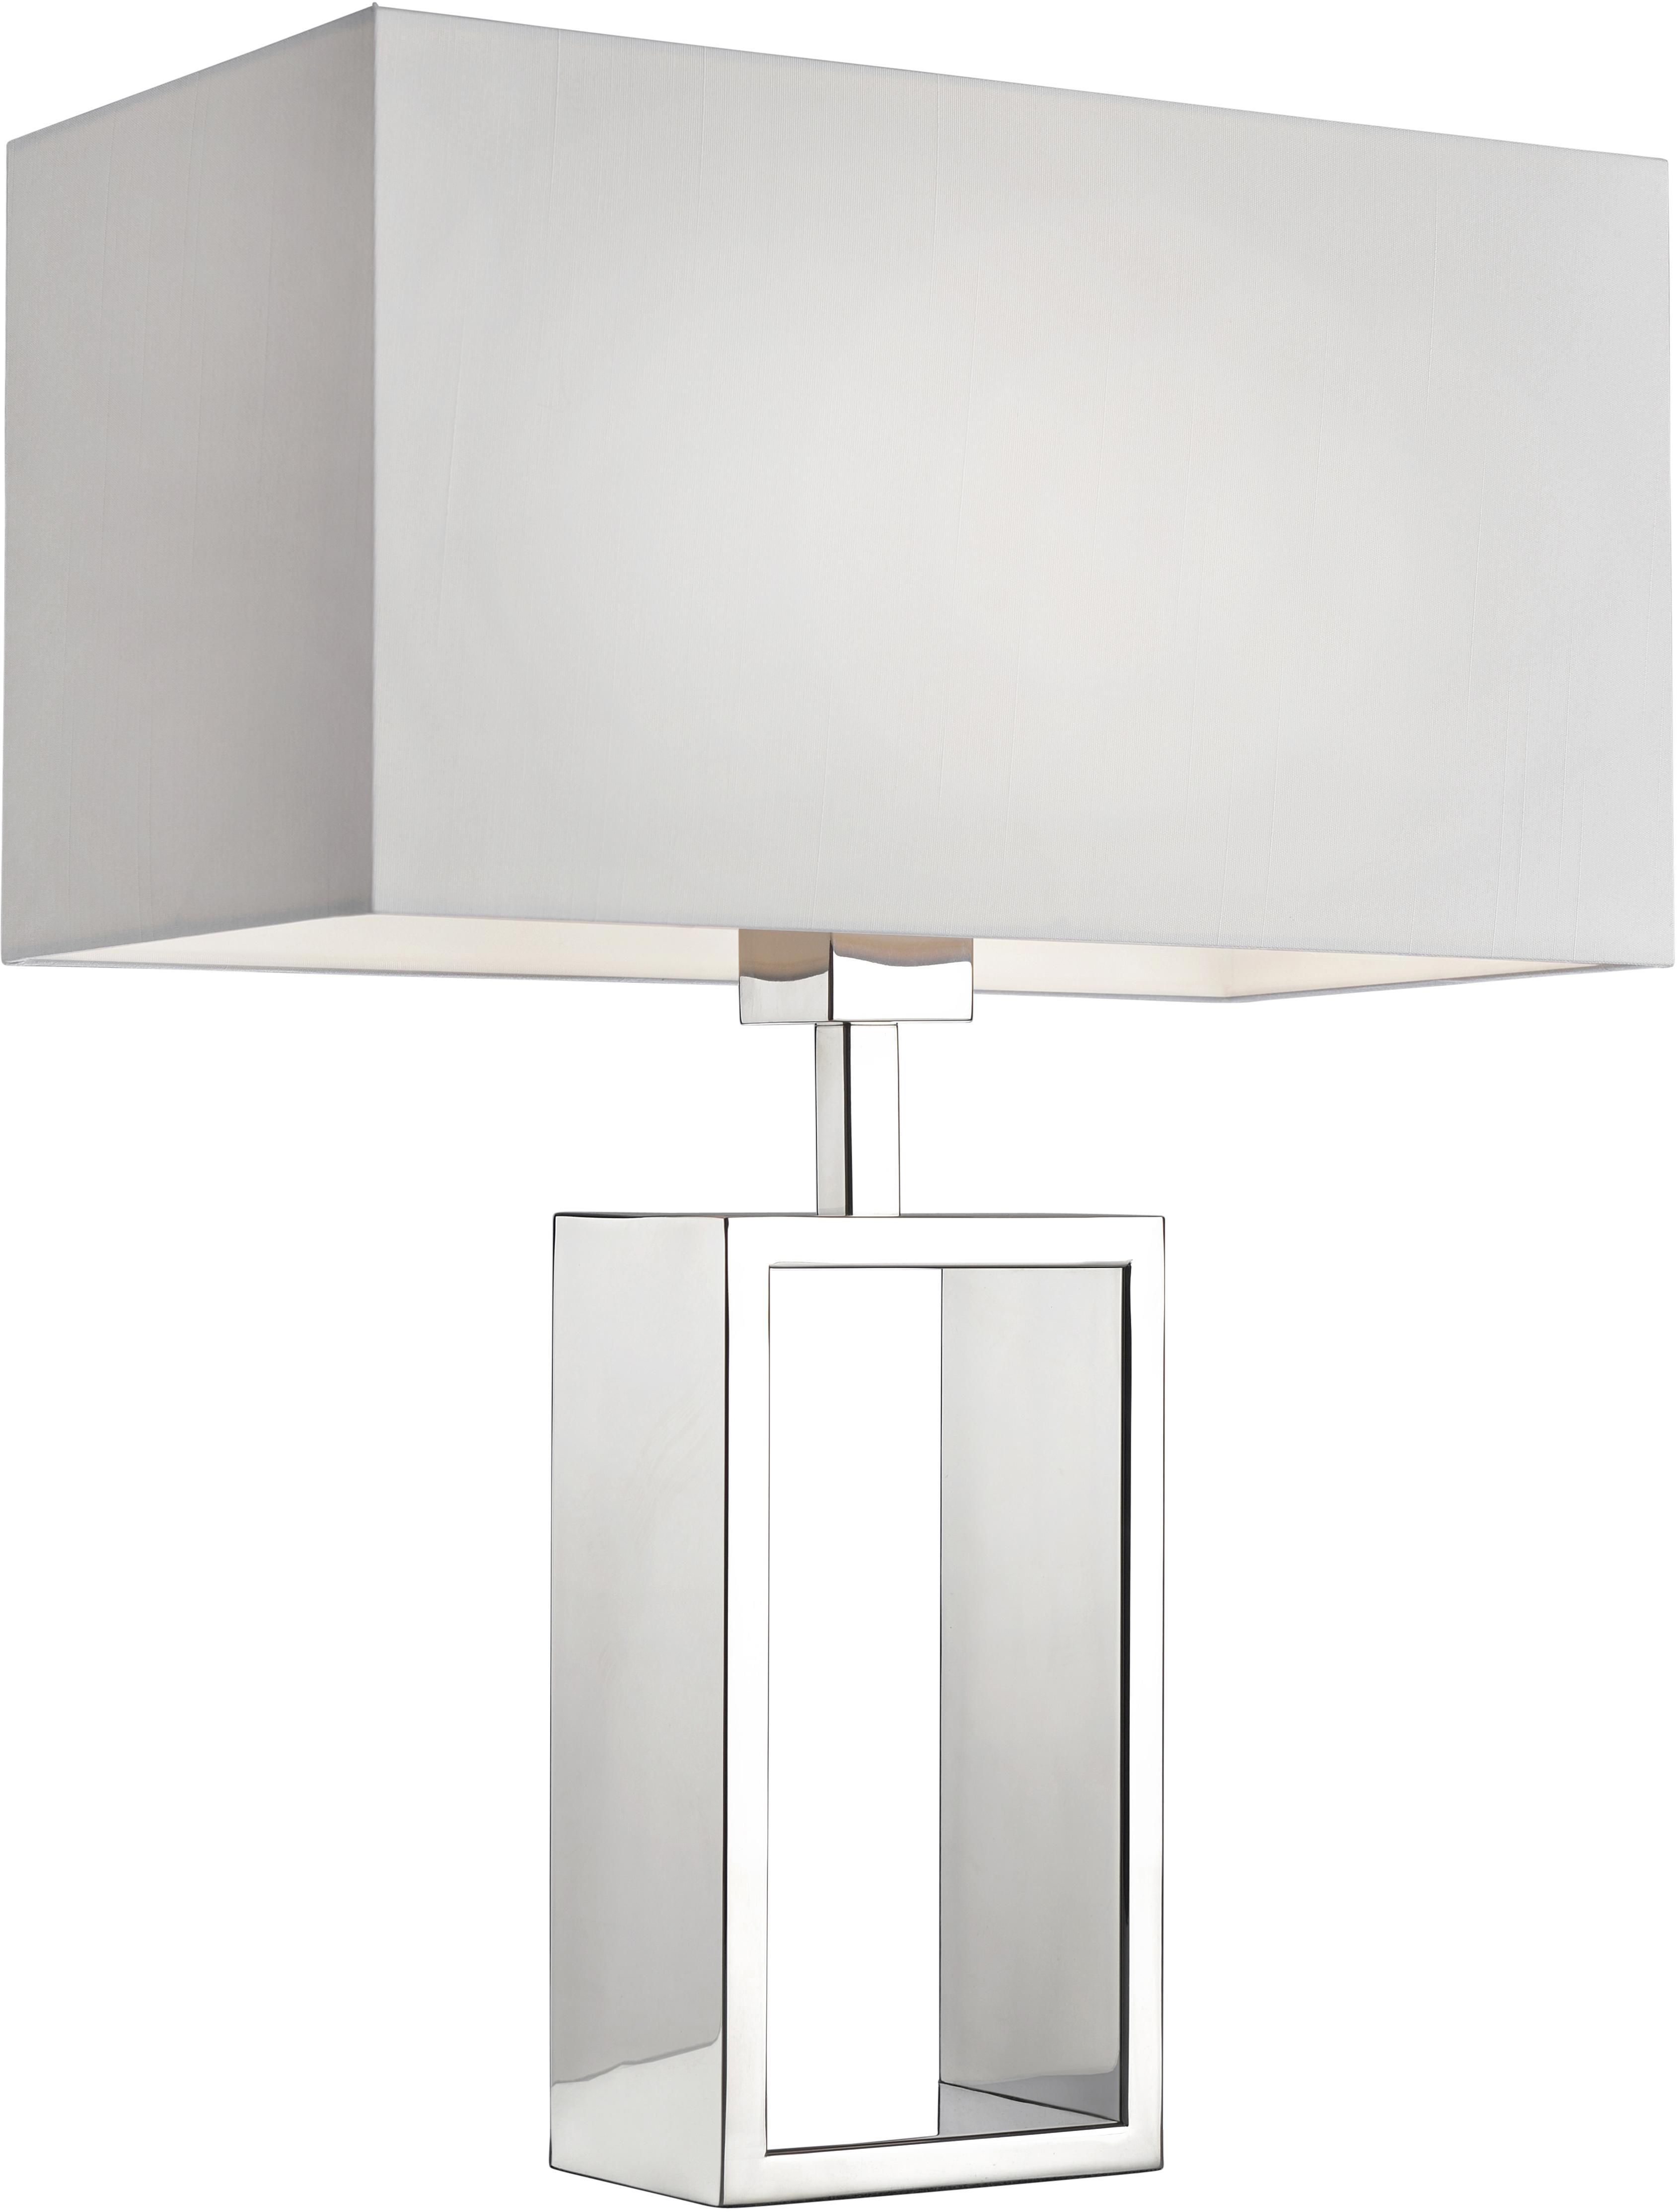 Tischlampe Shanghai mit verchromtem Lampenfuss, Chrom, Weiss, 35 x 47 cm